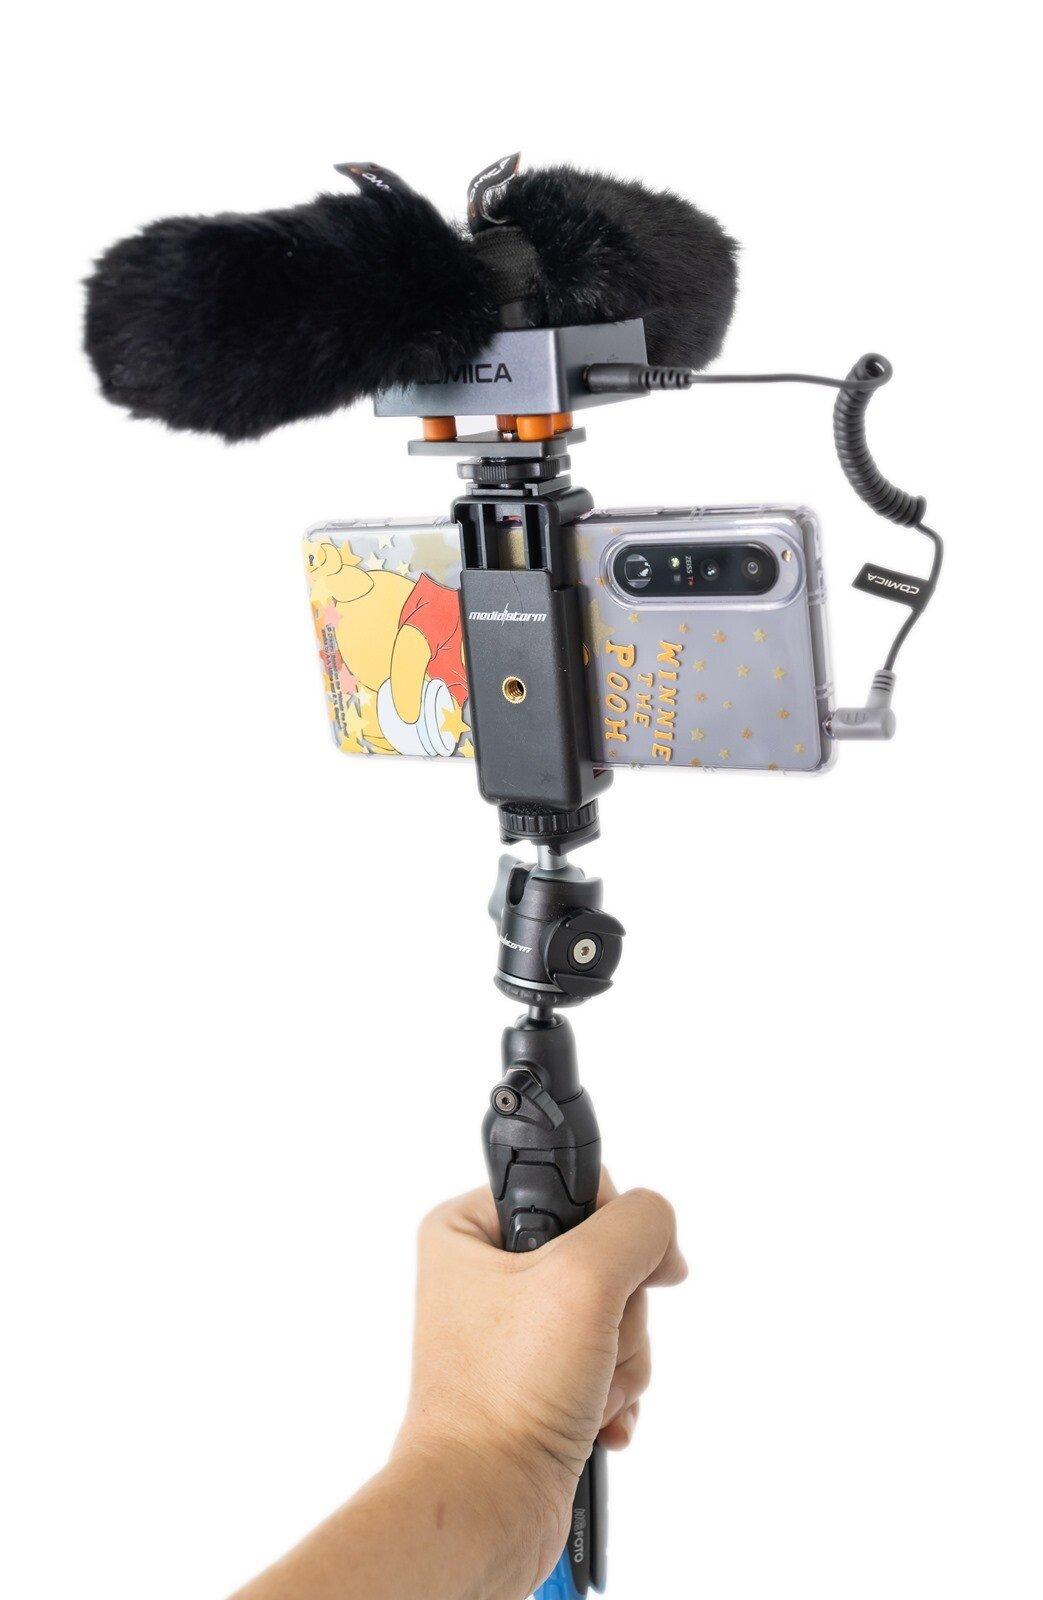 完美解決收音困擾!COMICA Traxshot 槍式變形麥克風 + COMICA BOOM X-D 無線麥克風 @3C 達人廖阿輝